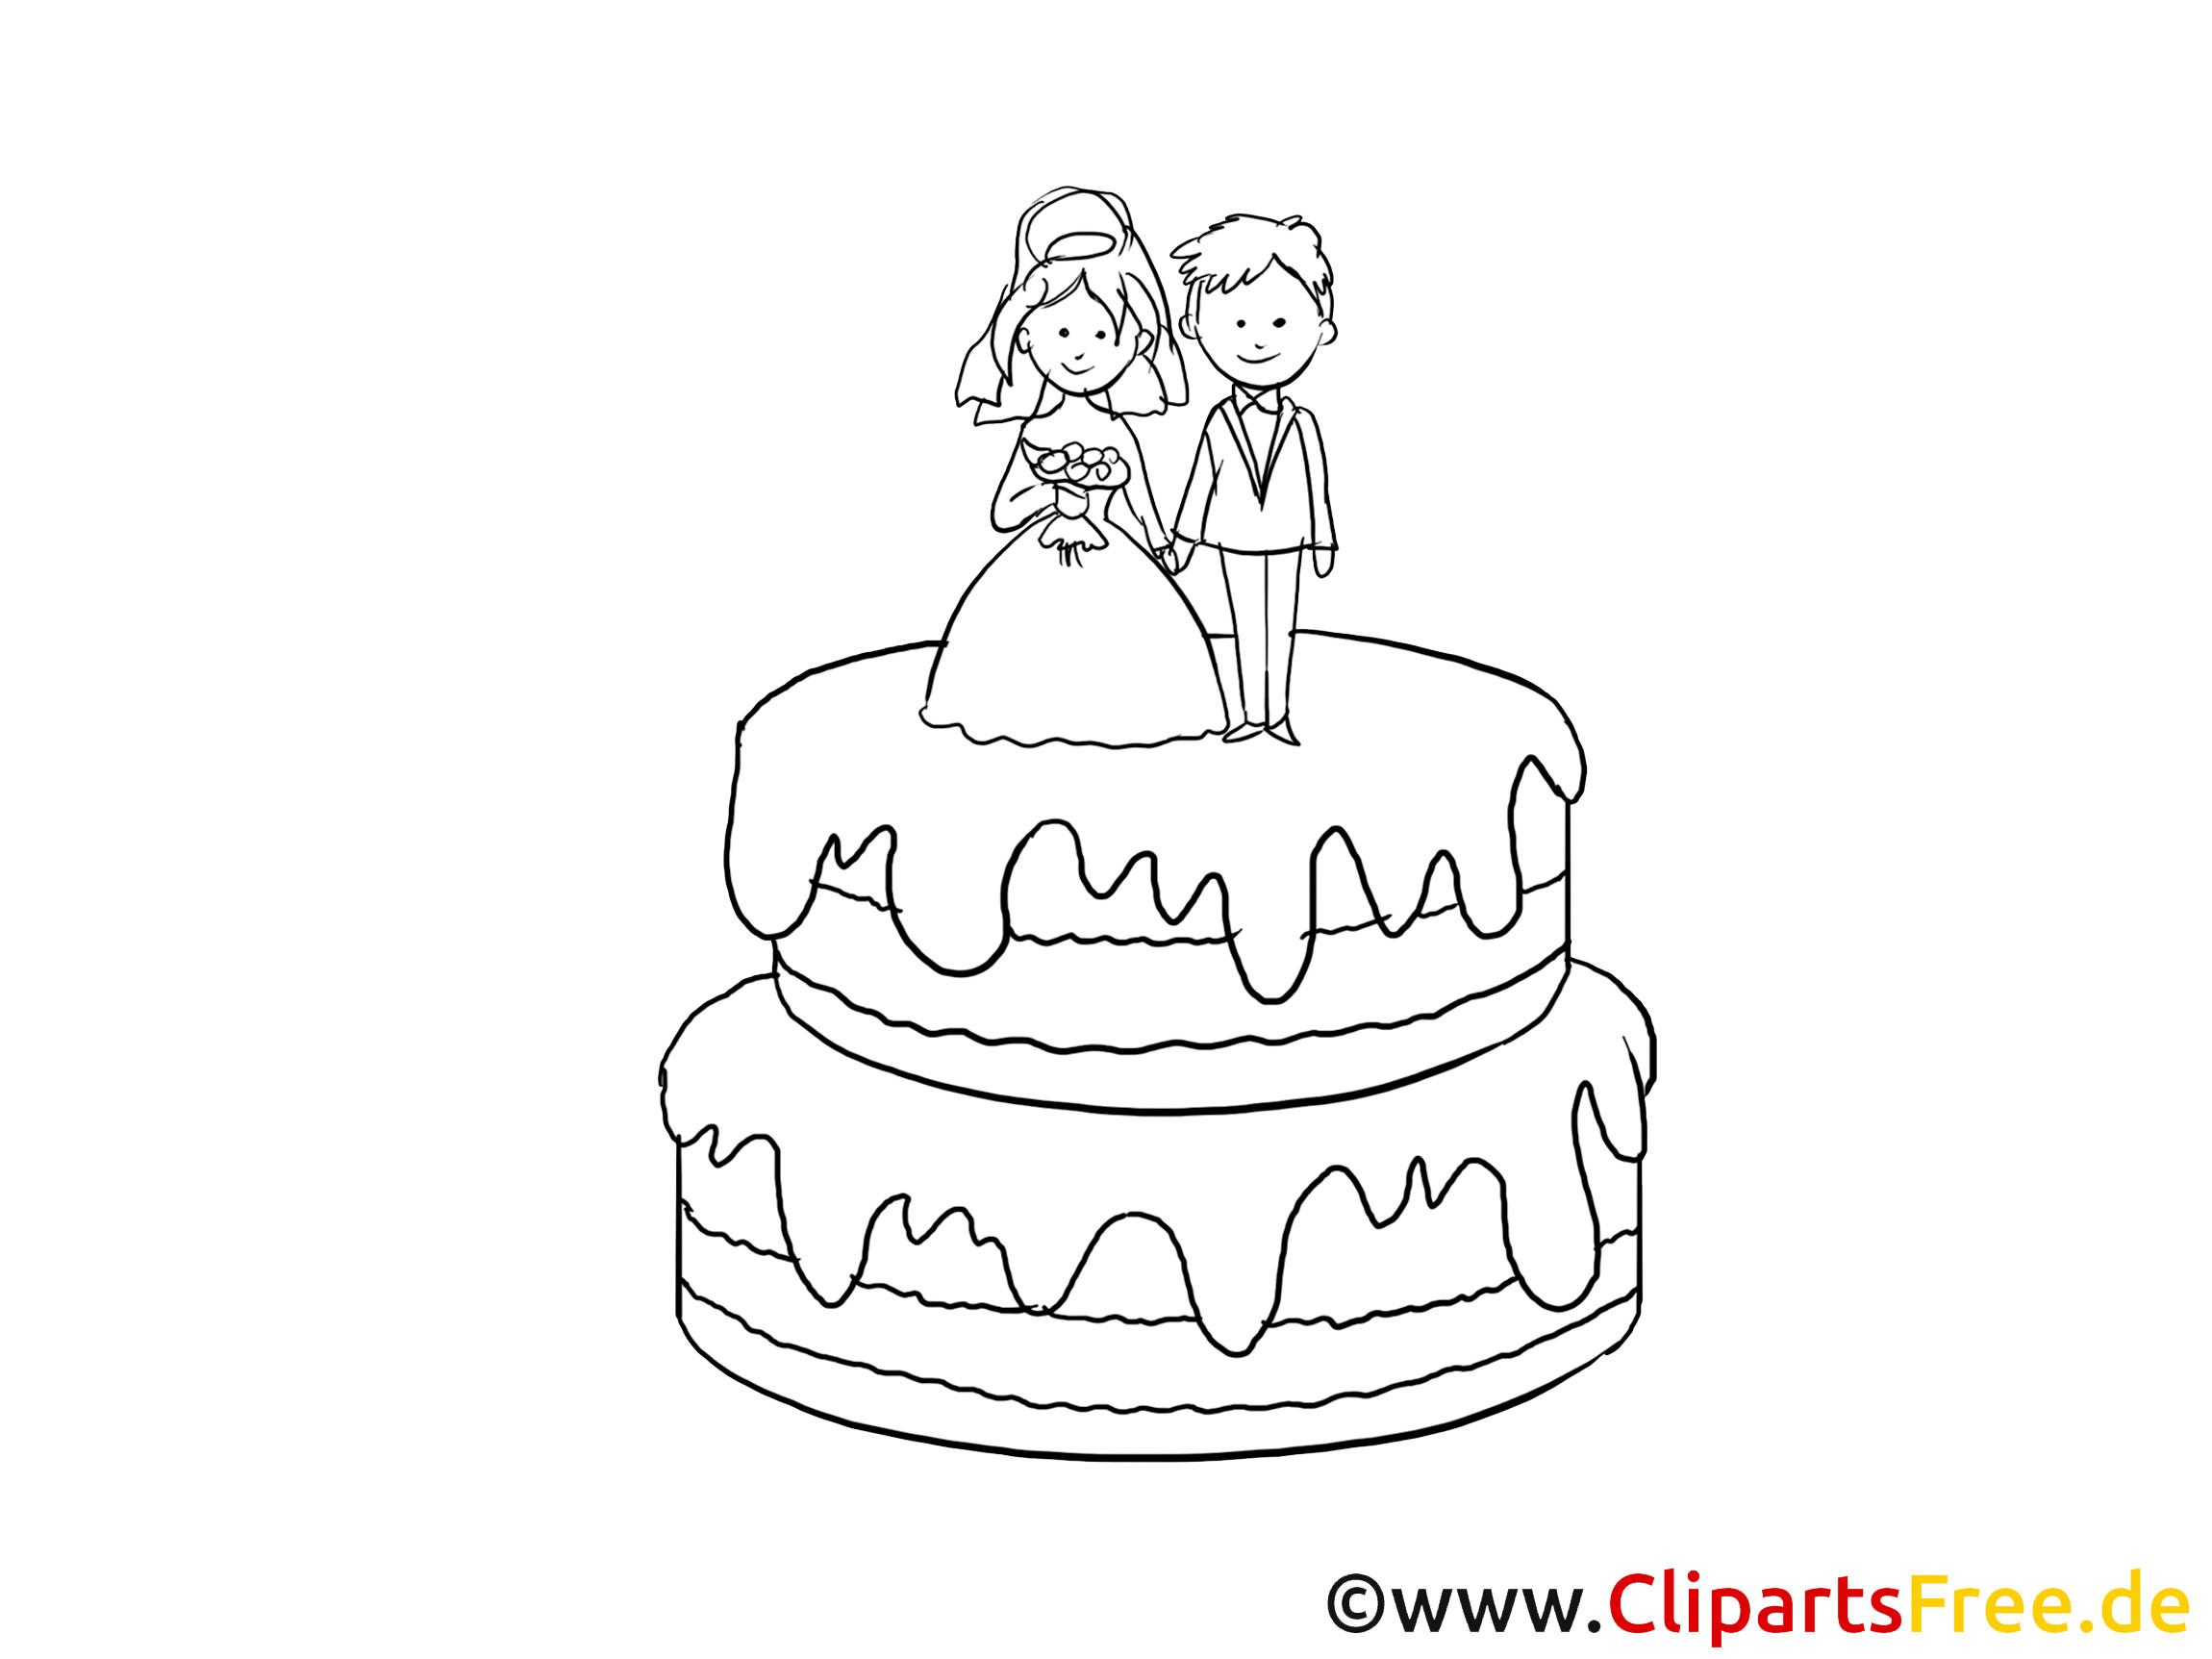 Clipart Hochzeit Schwarz Weiß  Torte Clipart Schwarz Weiss gratis